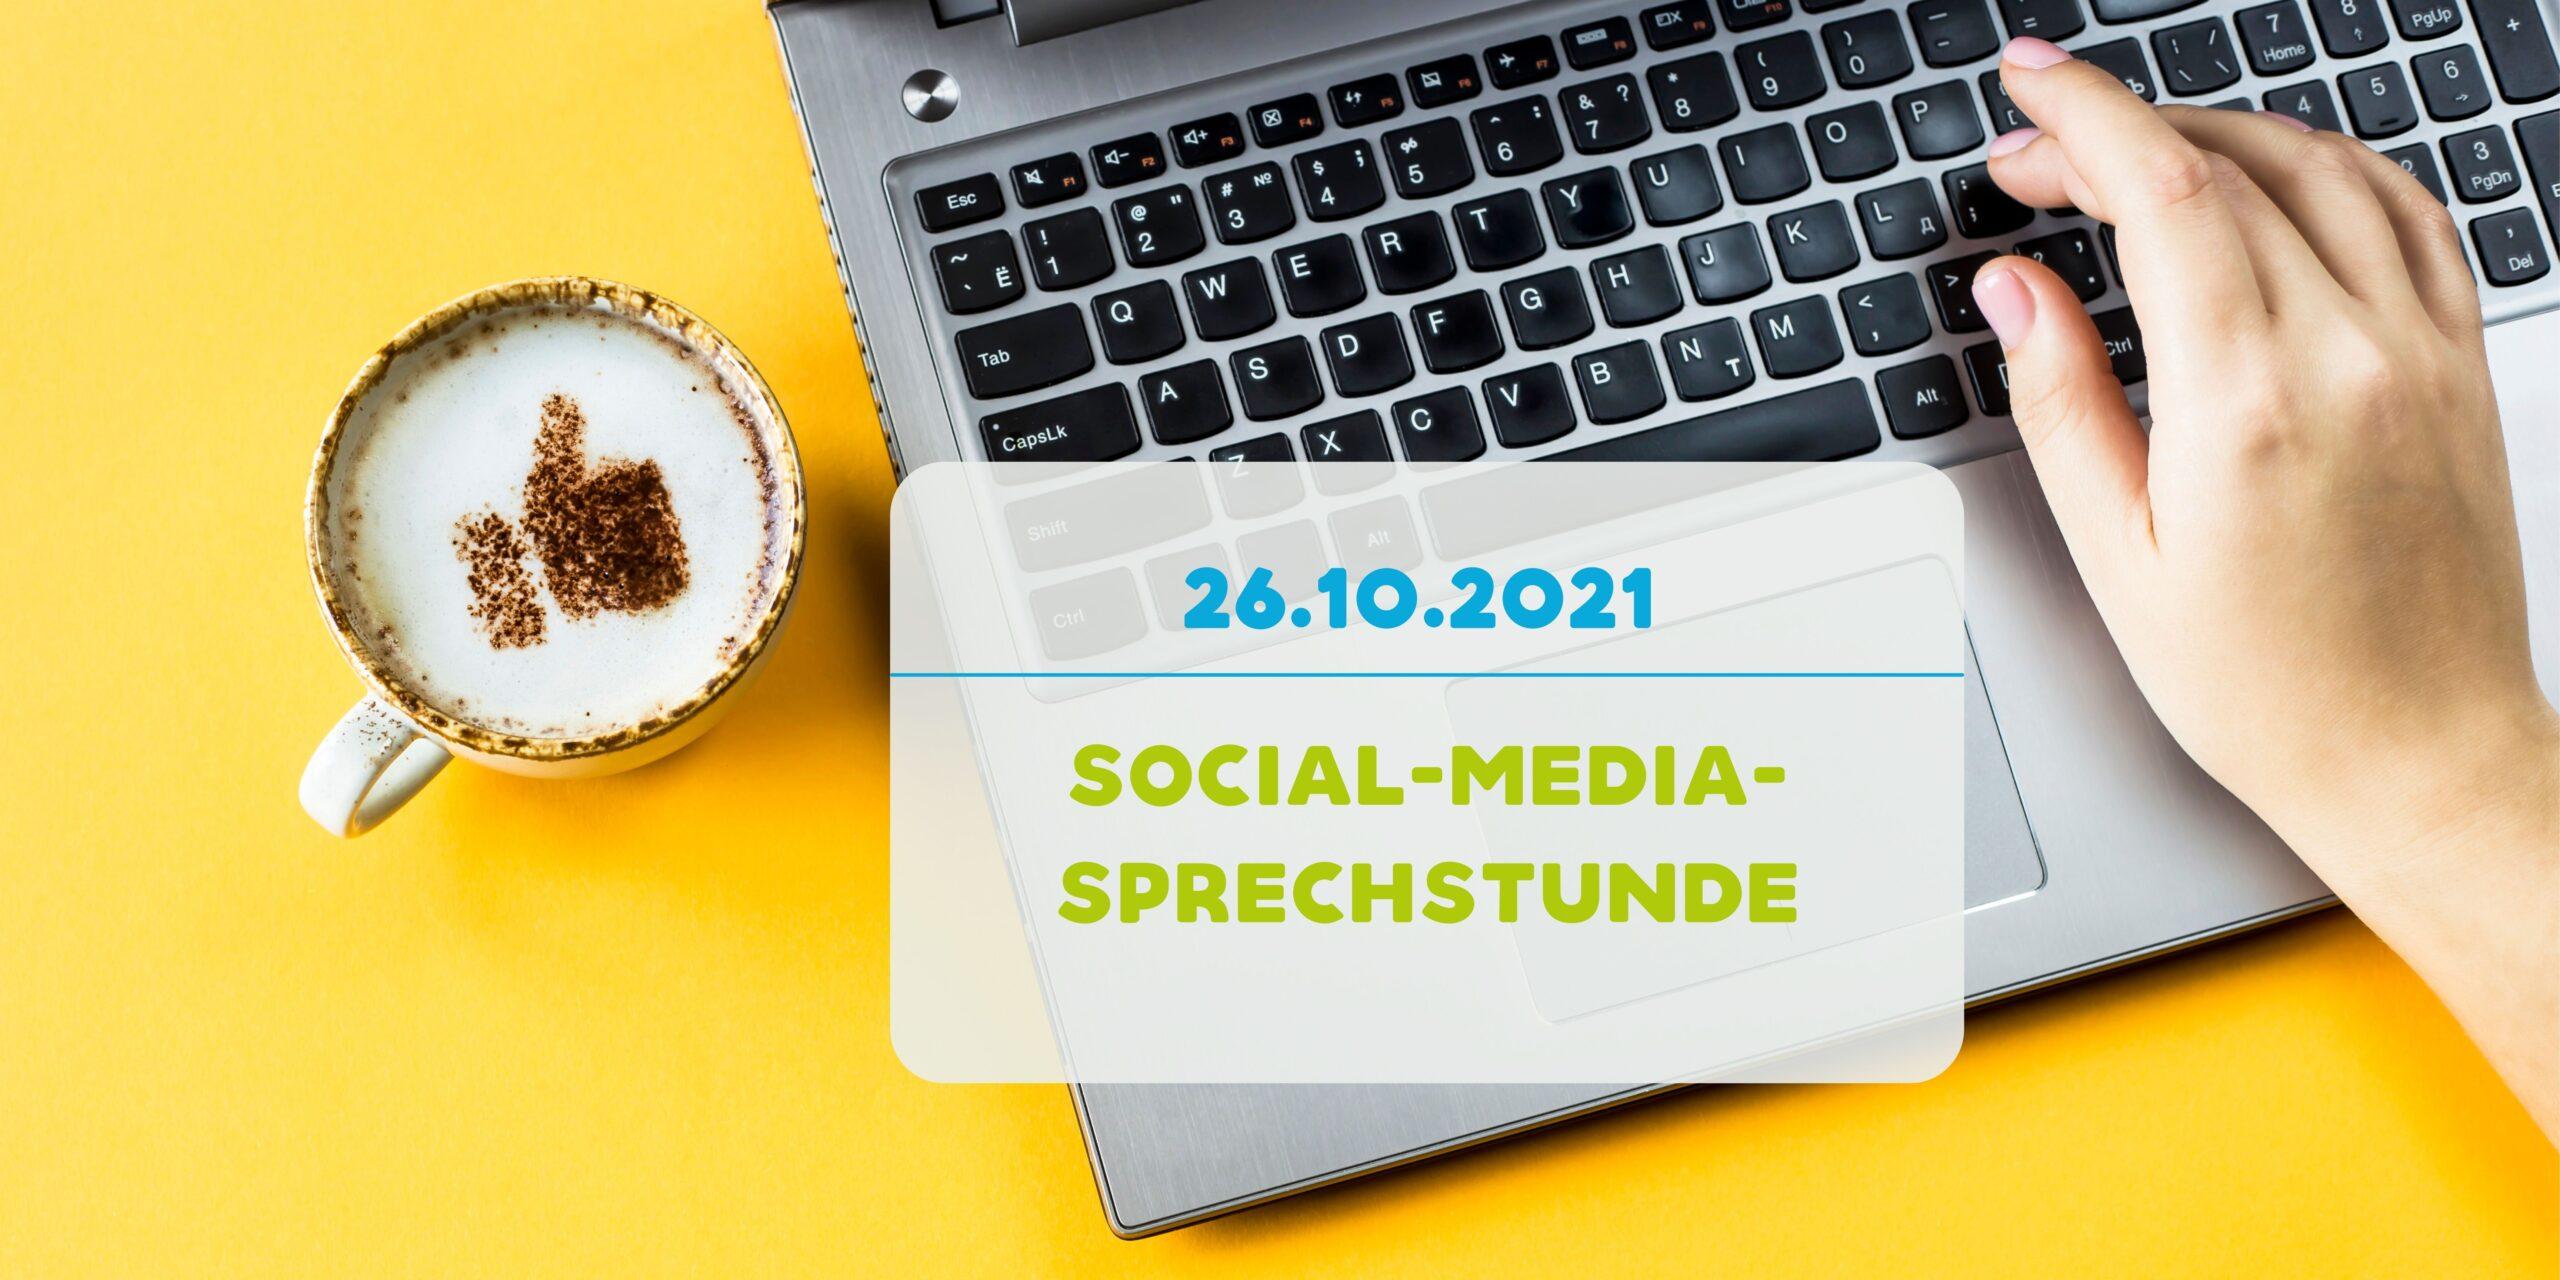 Ankündigung zur Social-Media-Sprechstunde für QMF-Mitglieder